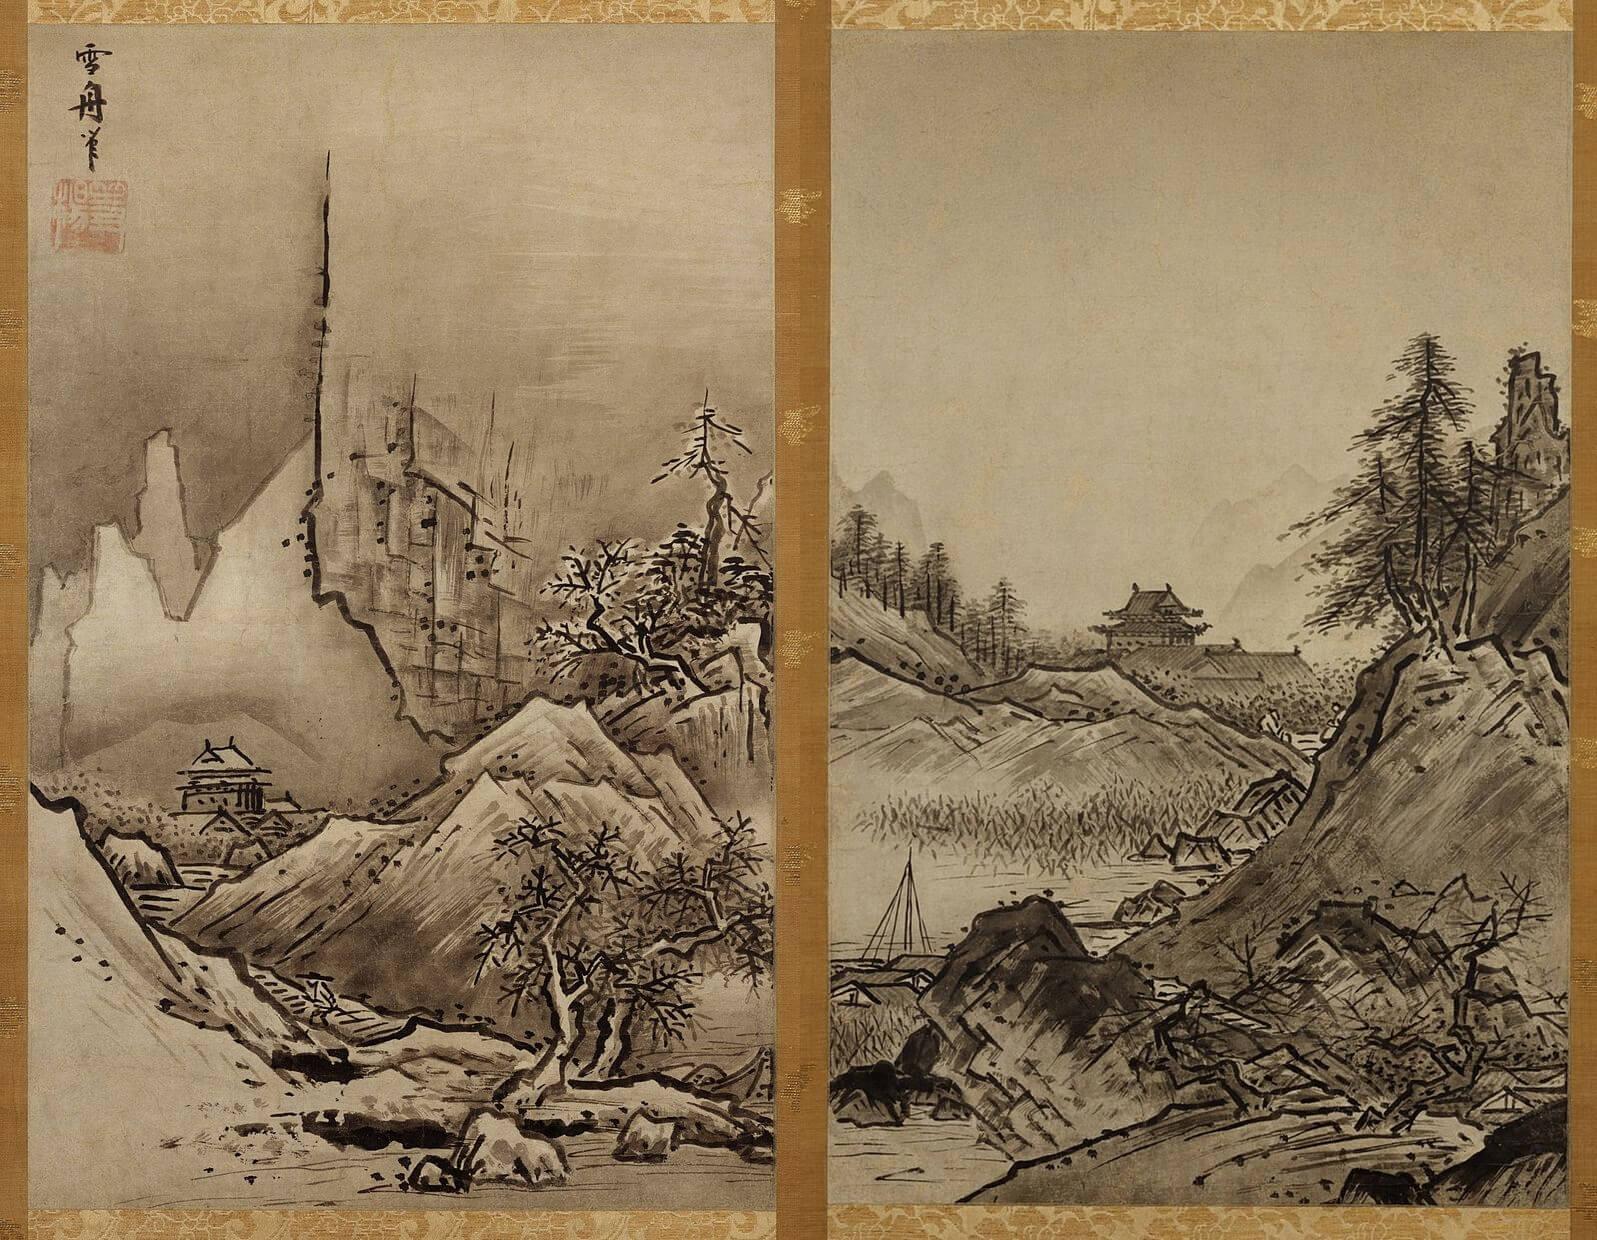 秋冬山水図 雪舟等楊筆 室町時代・15世紀末~16世紀初